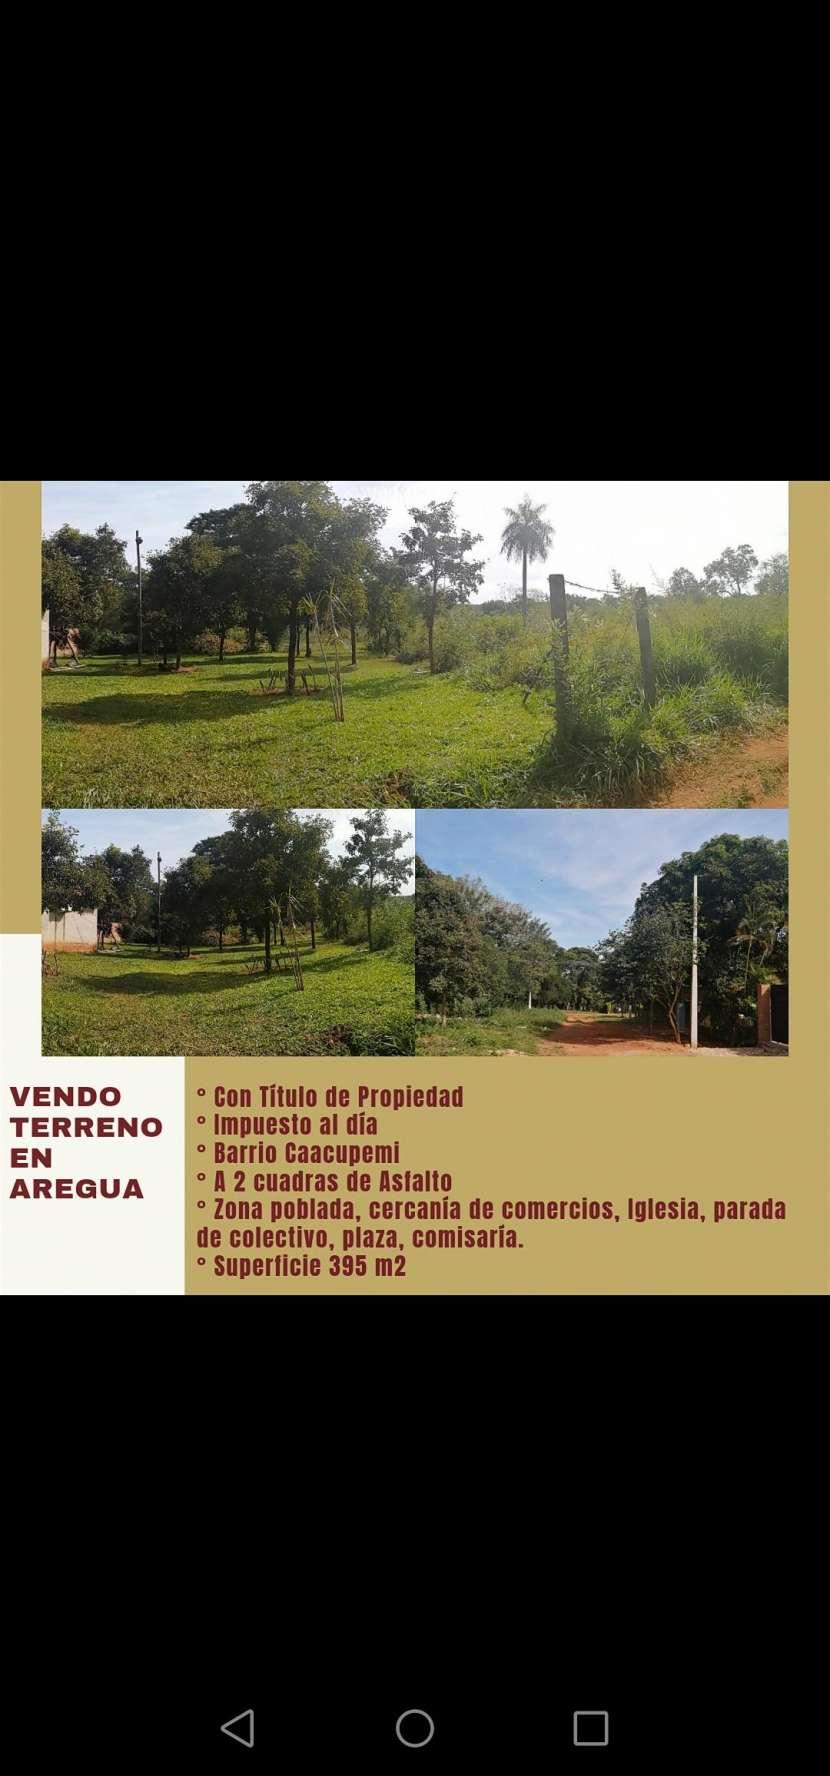 Terreno en Areguá Barrio Caacupemi - 0